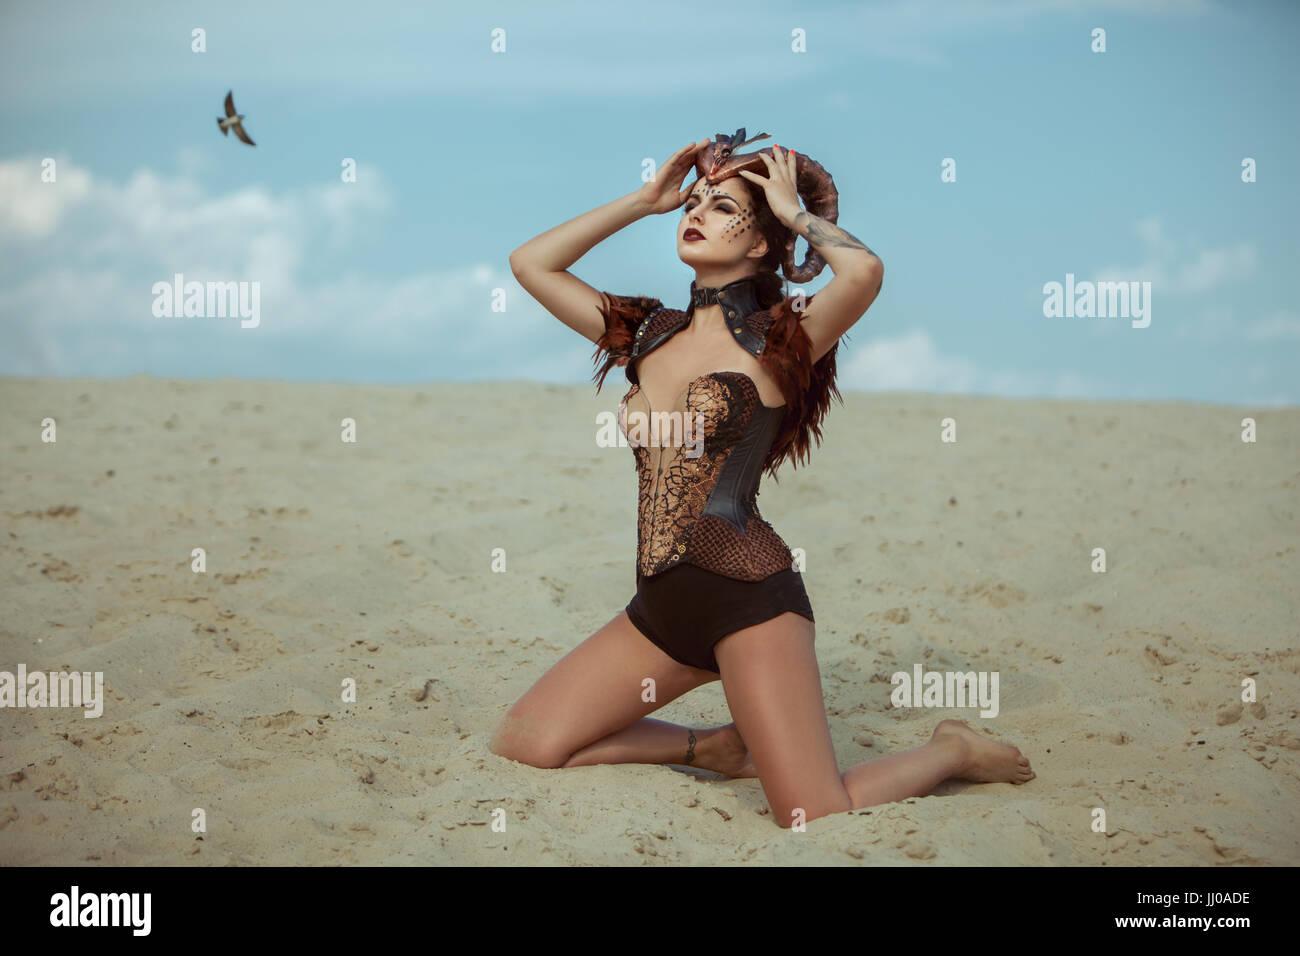 Horned woman in the desert kneeling on the sand. - Stock Image